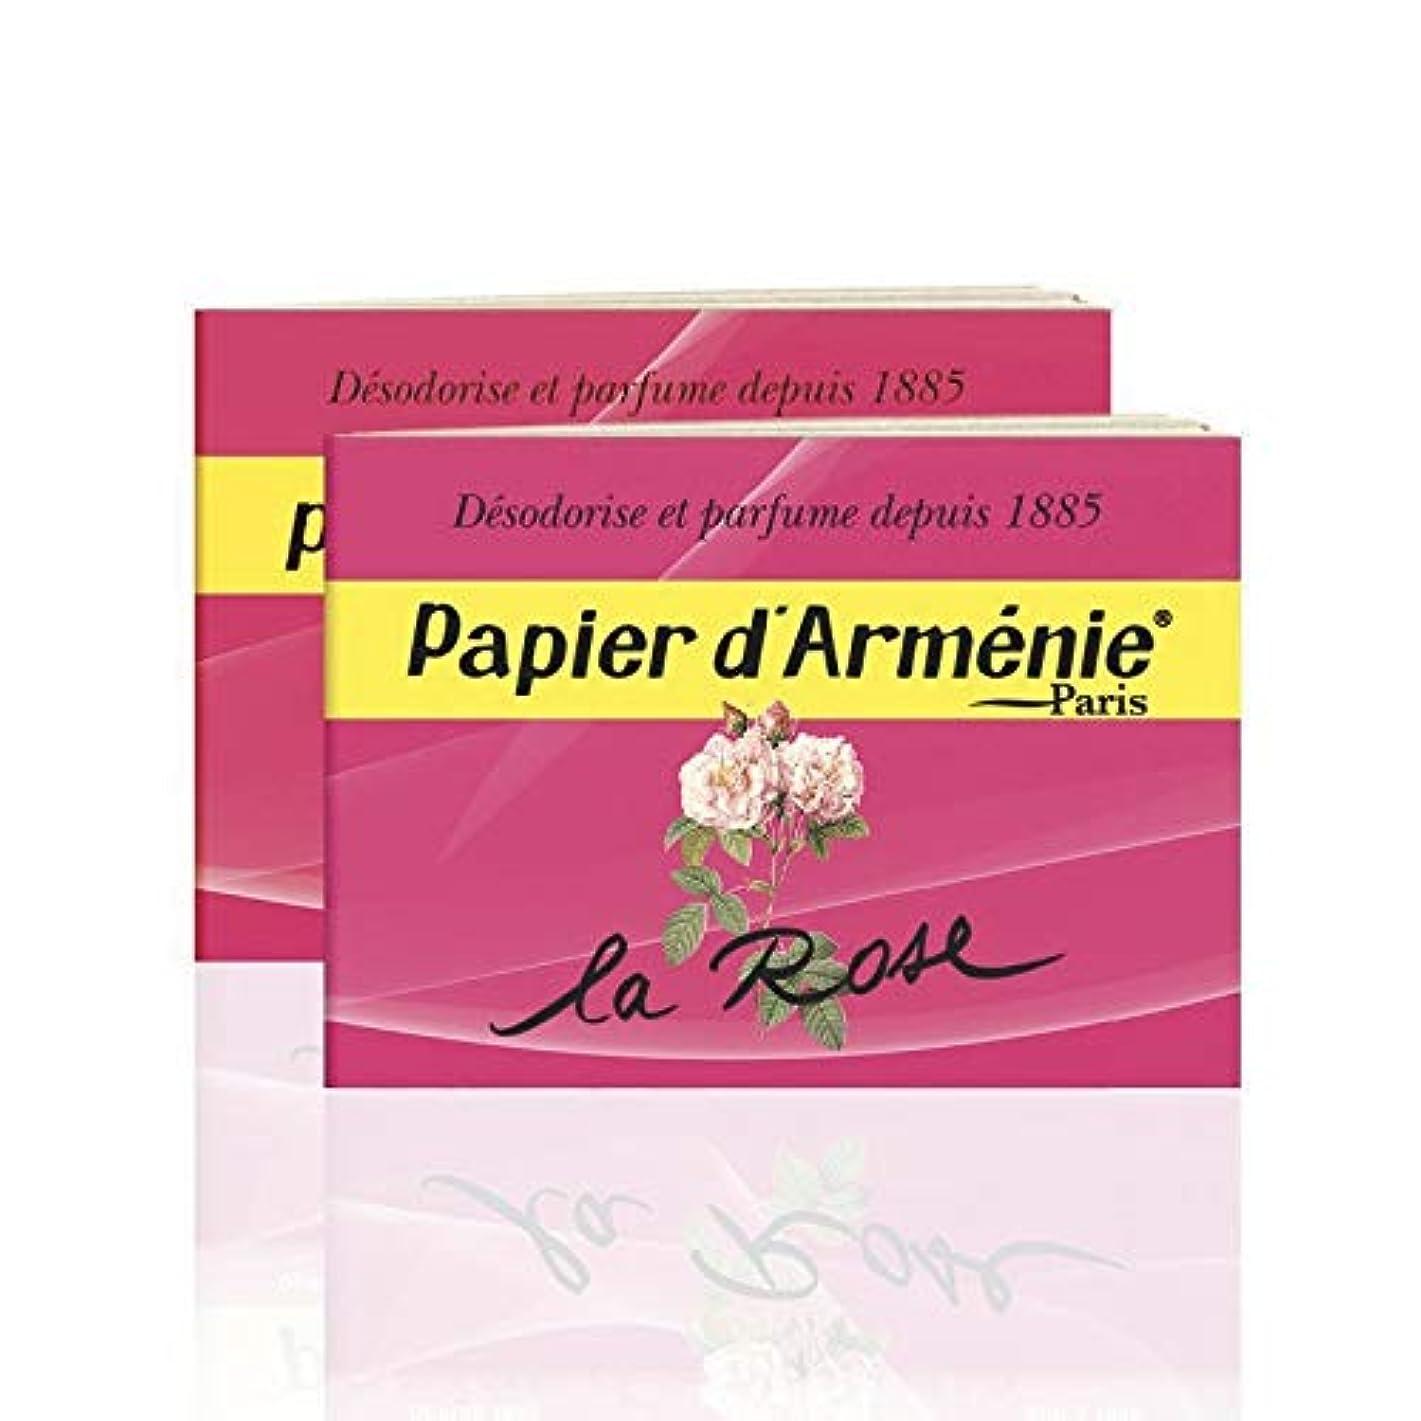 戸棚寛解定刻パピエダルメニィ ローズ Papier d'Armenie La Rose (3)